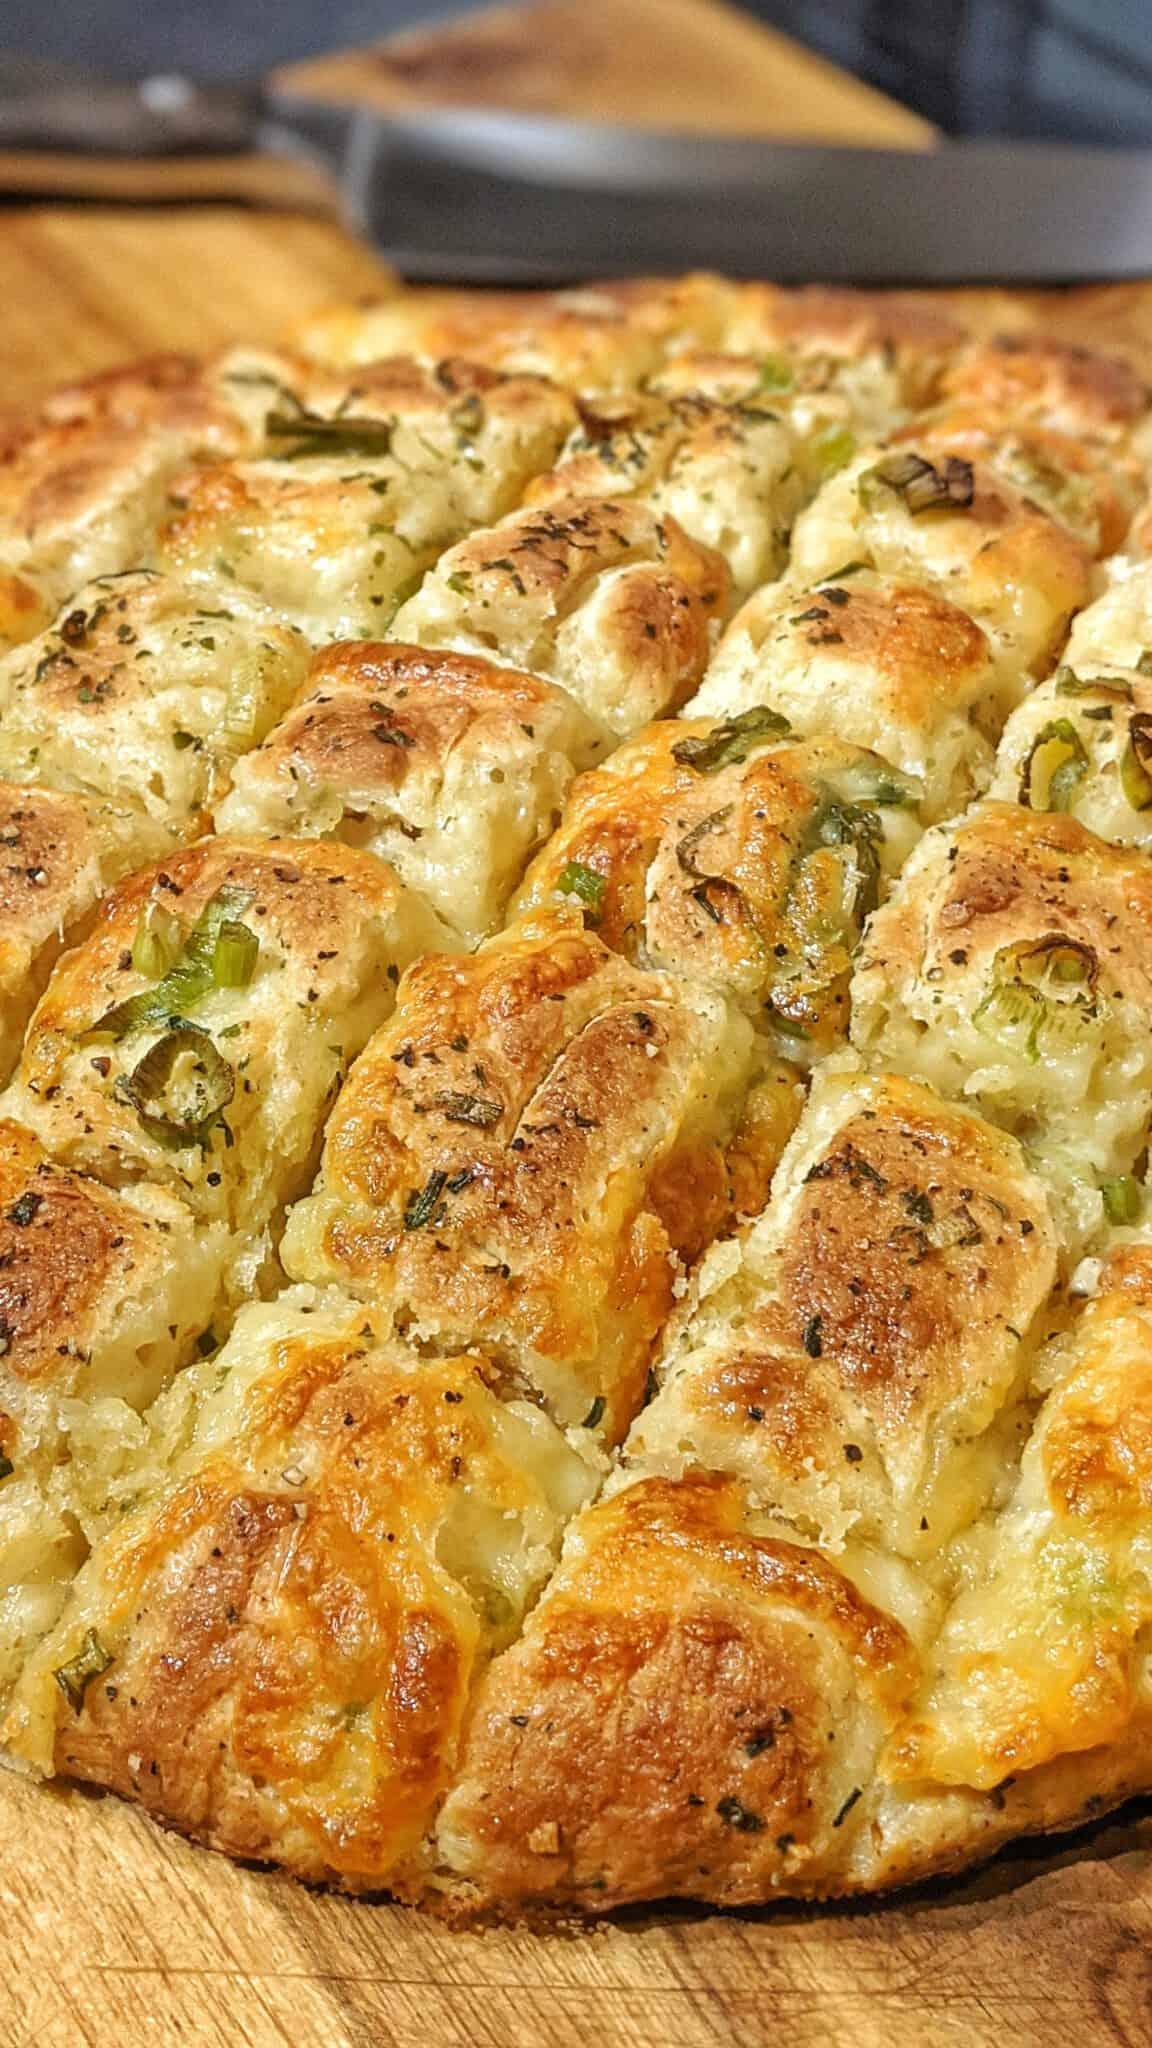 Das Knoblauch-Mozzarella Brot auf einem Holzbrett. Im Hintergrund ein Messer.